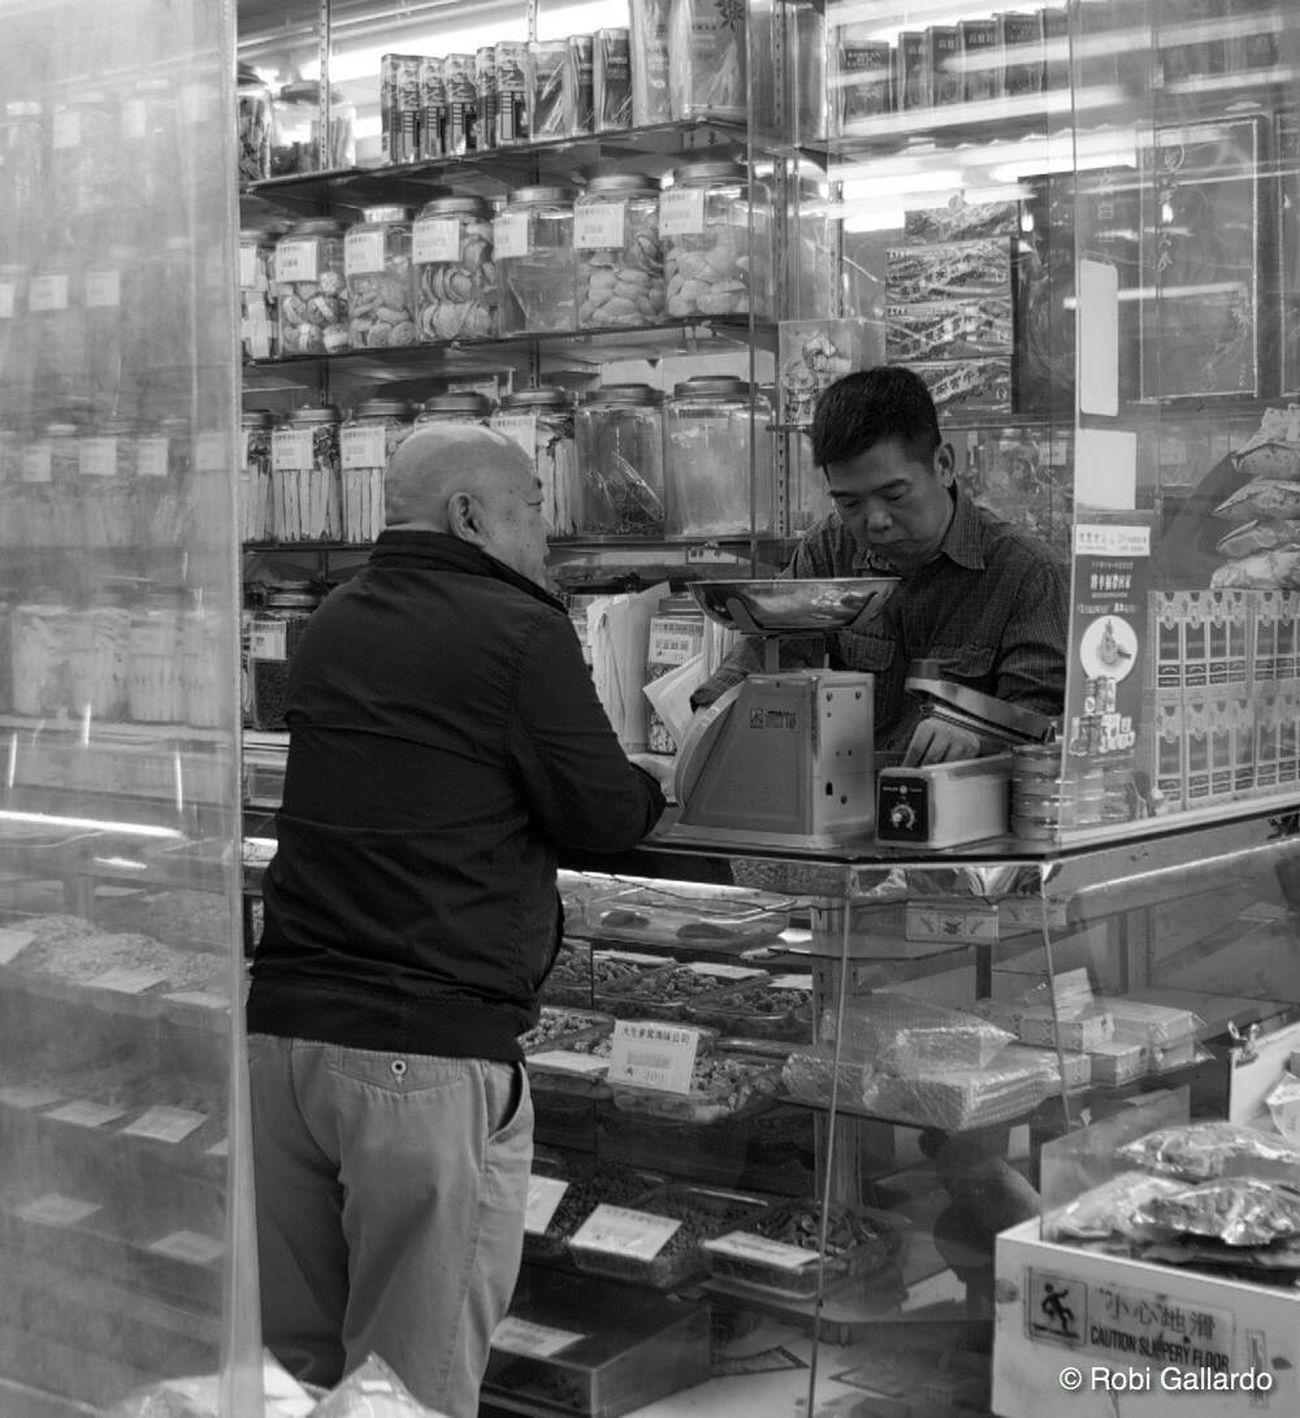 Chinese medicine store Two People Real People HongKong DSLR Pentax Hong Kong Dslrphotography People Eyeem Philippines Monochrome DSLR Photography Street Photography Streetphoto_bw Streetphotography Blackandwhite